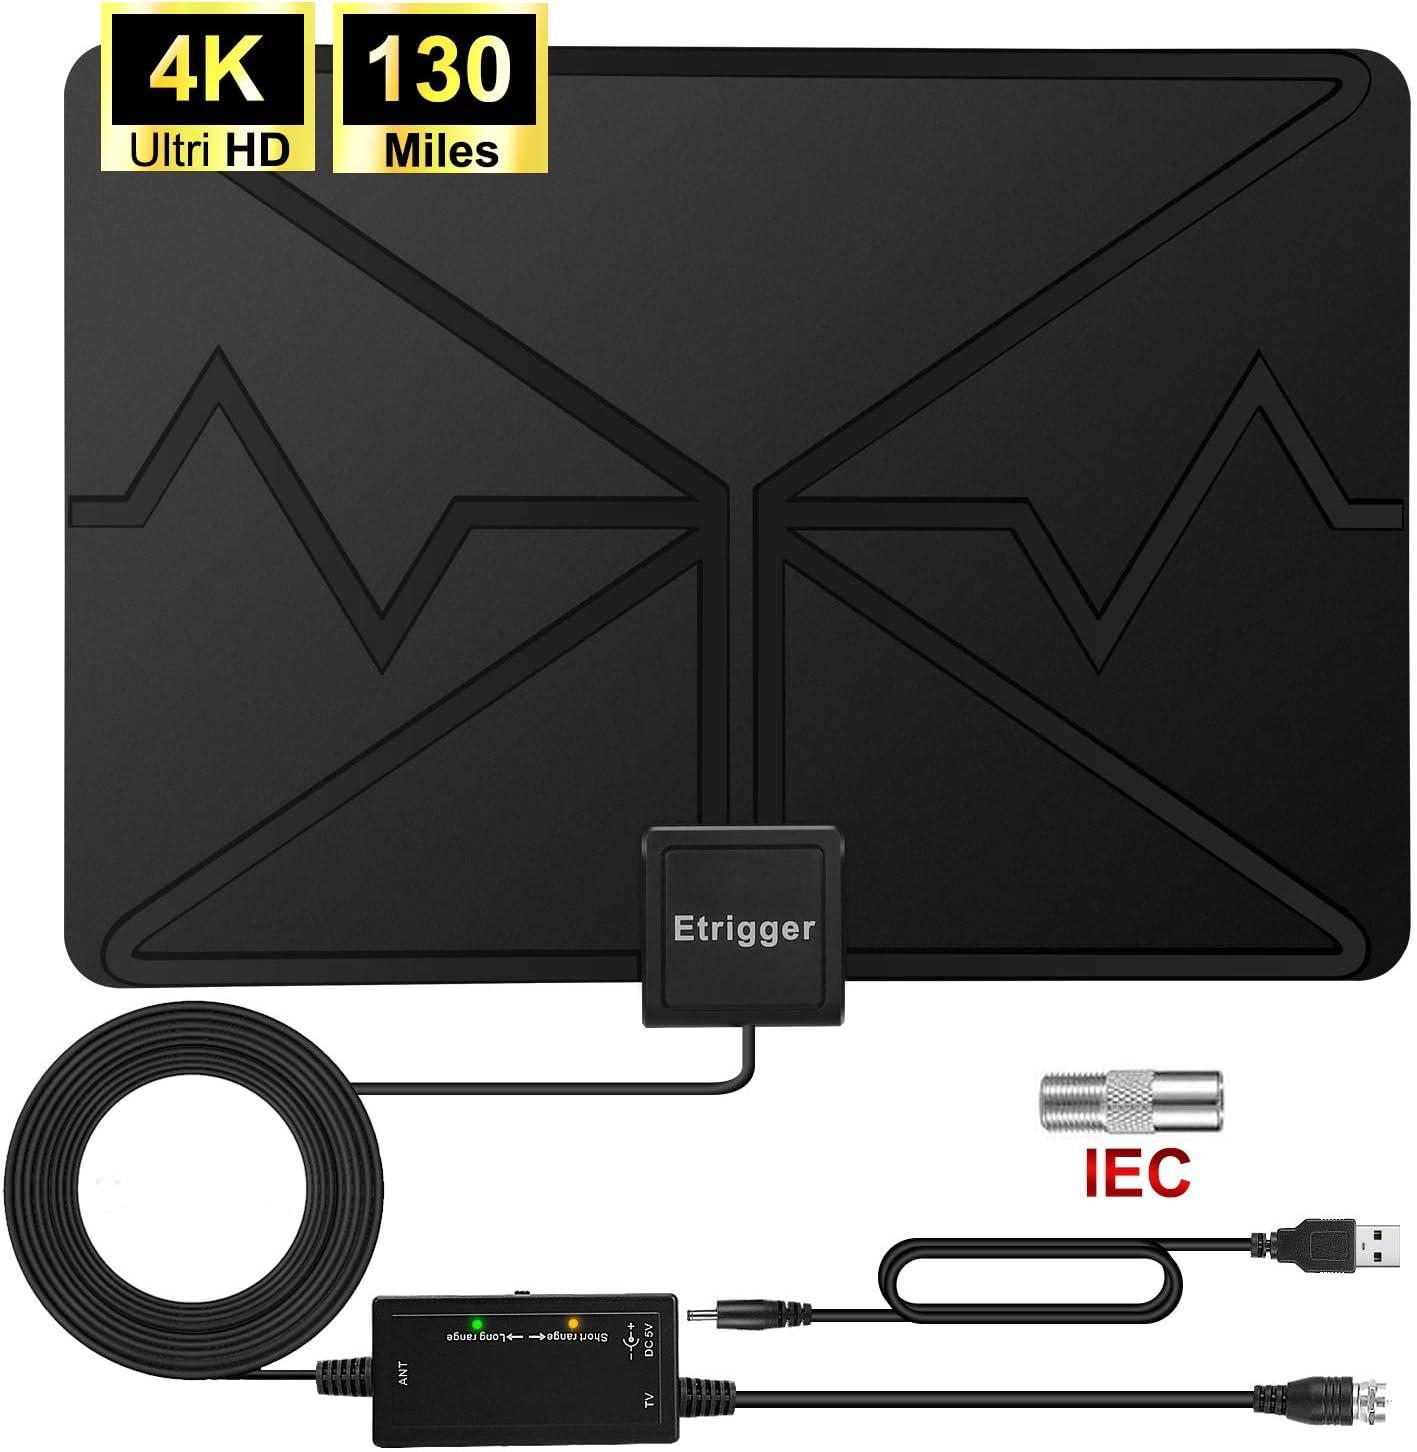 Antena de TV, 2020 para interior digital HDTV con amplificador ajustable y amplificador de señal puede recibir un rango de señal de más de 130 millas para ver canales de 4K gratis,